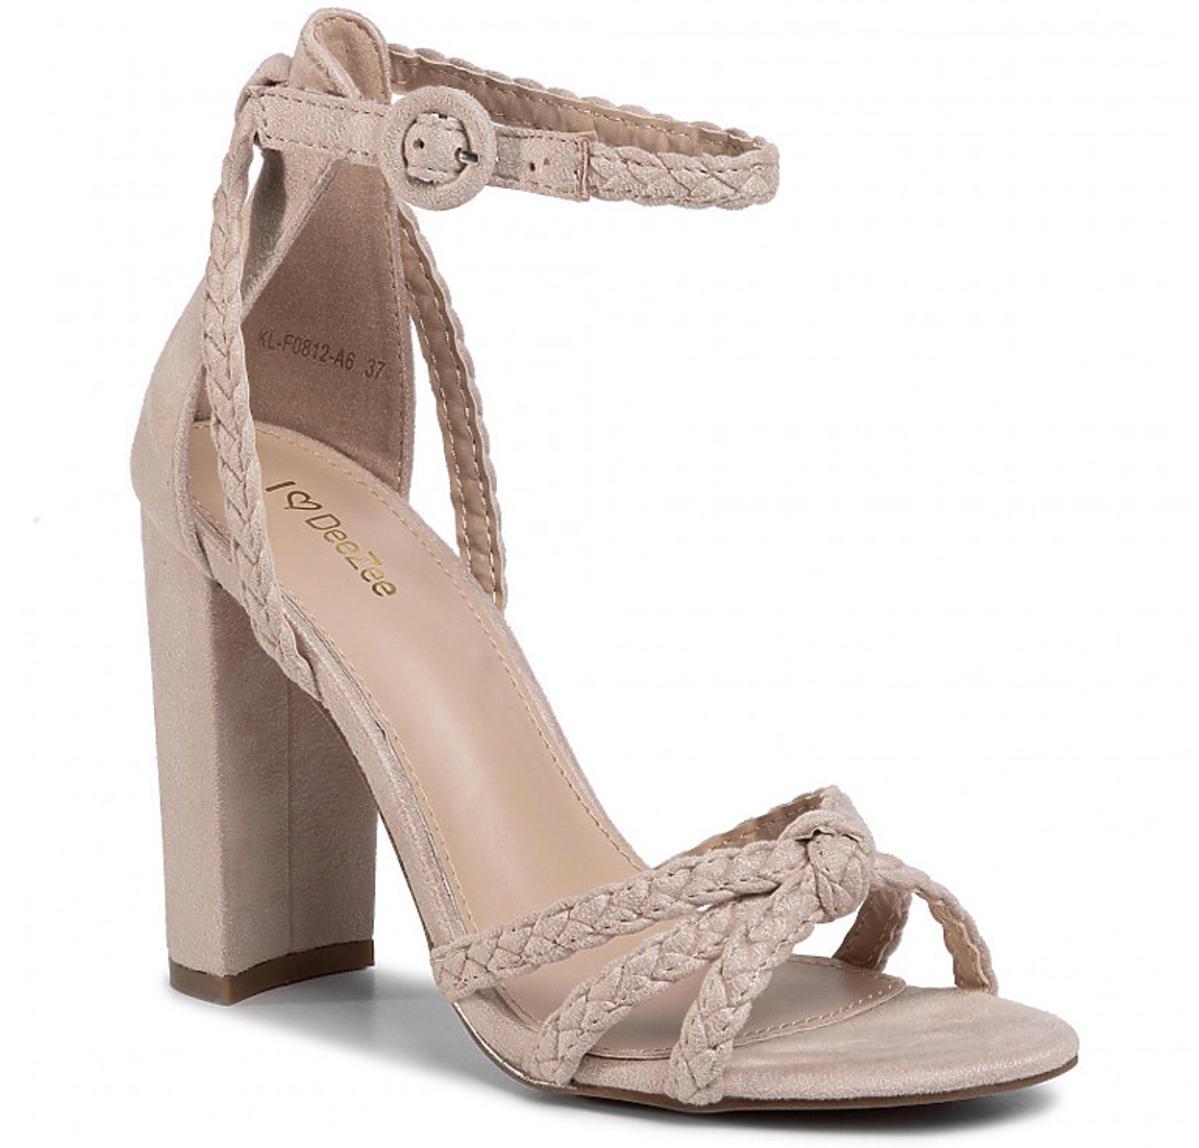 Plecione sandały DEEZEE